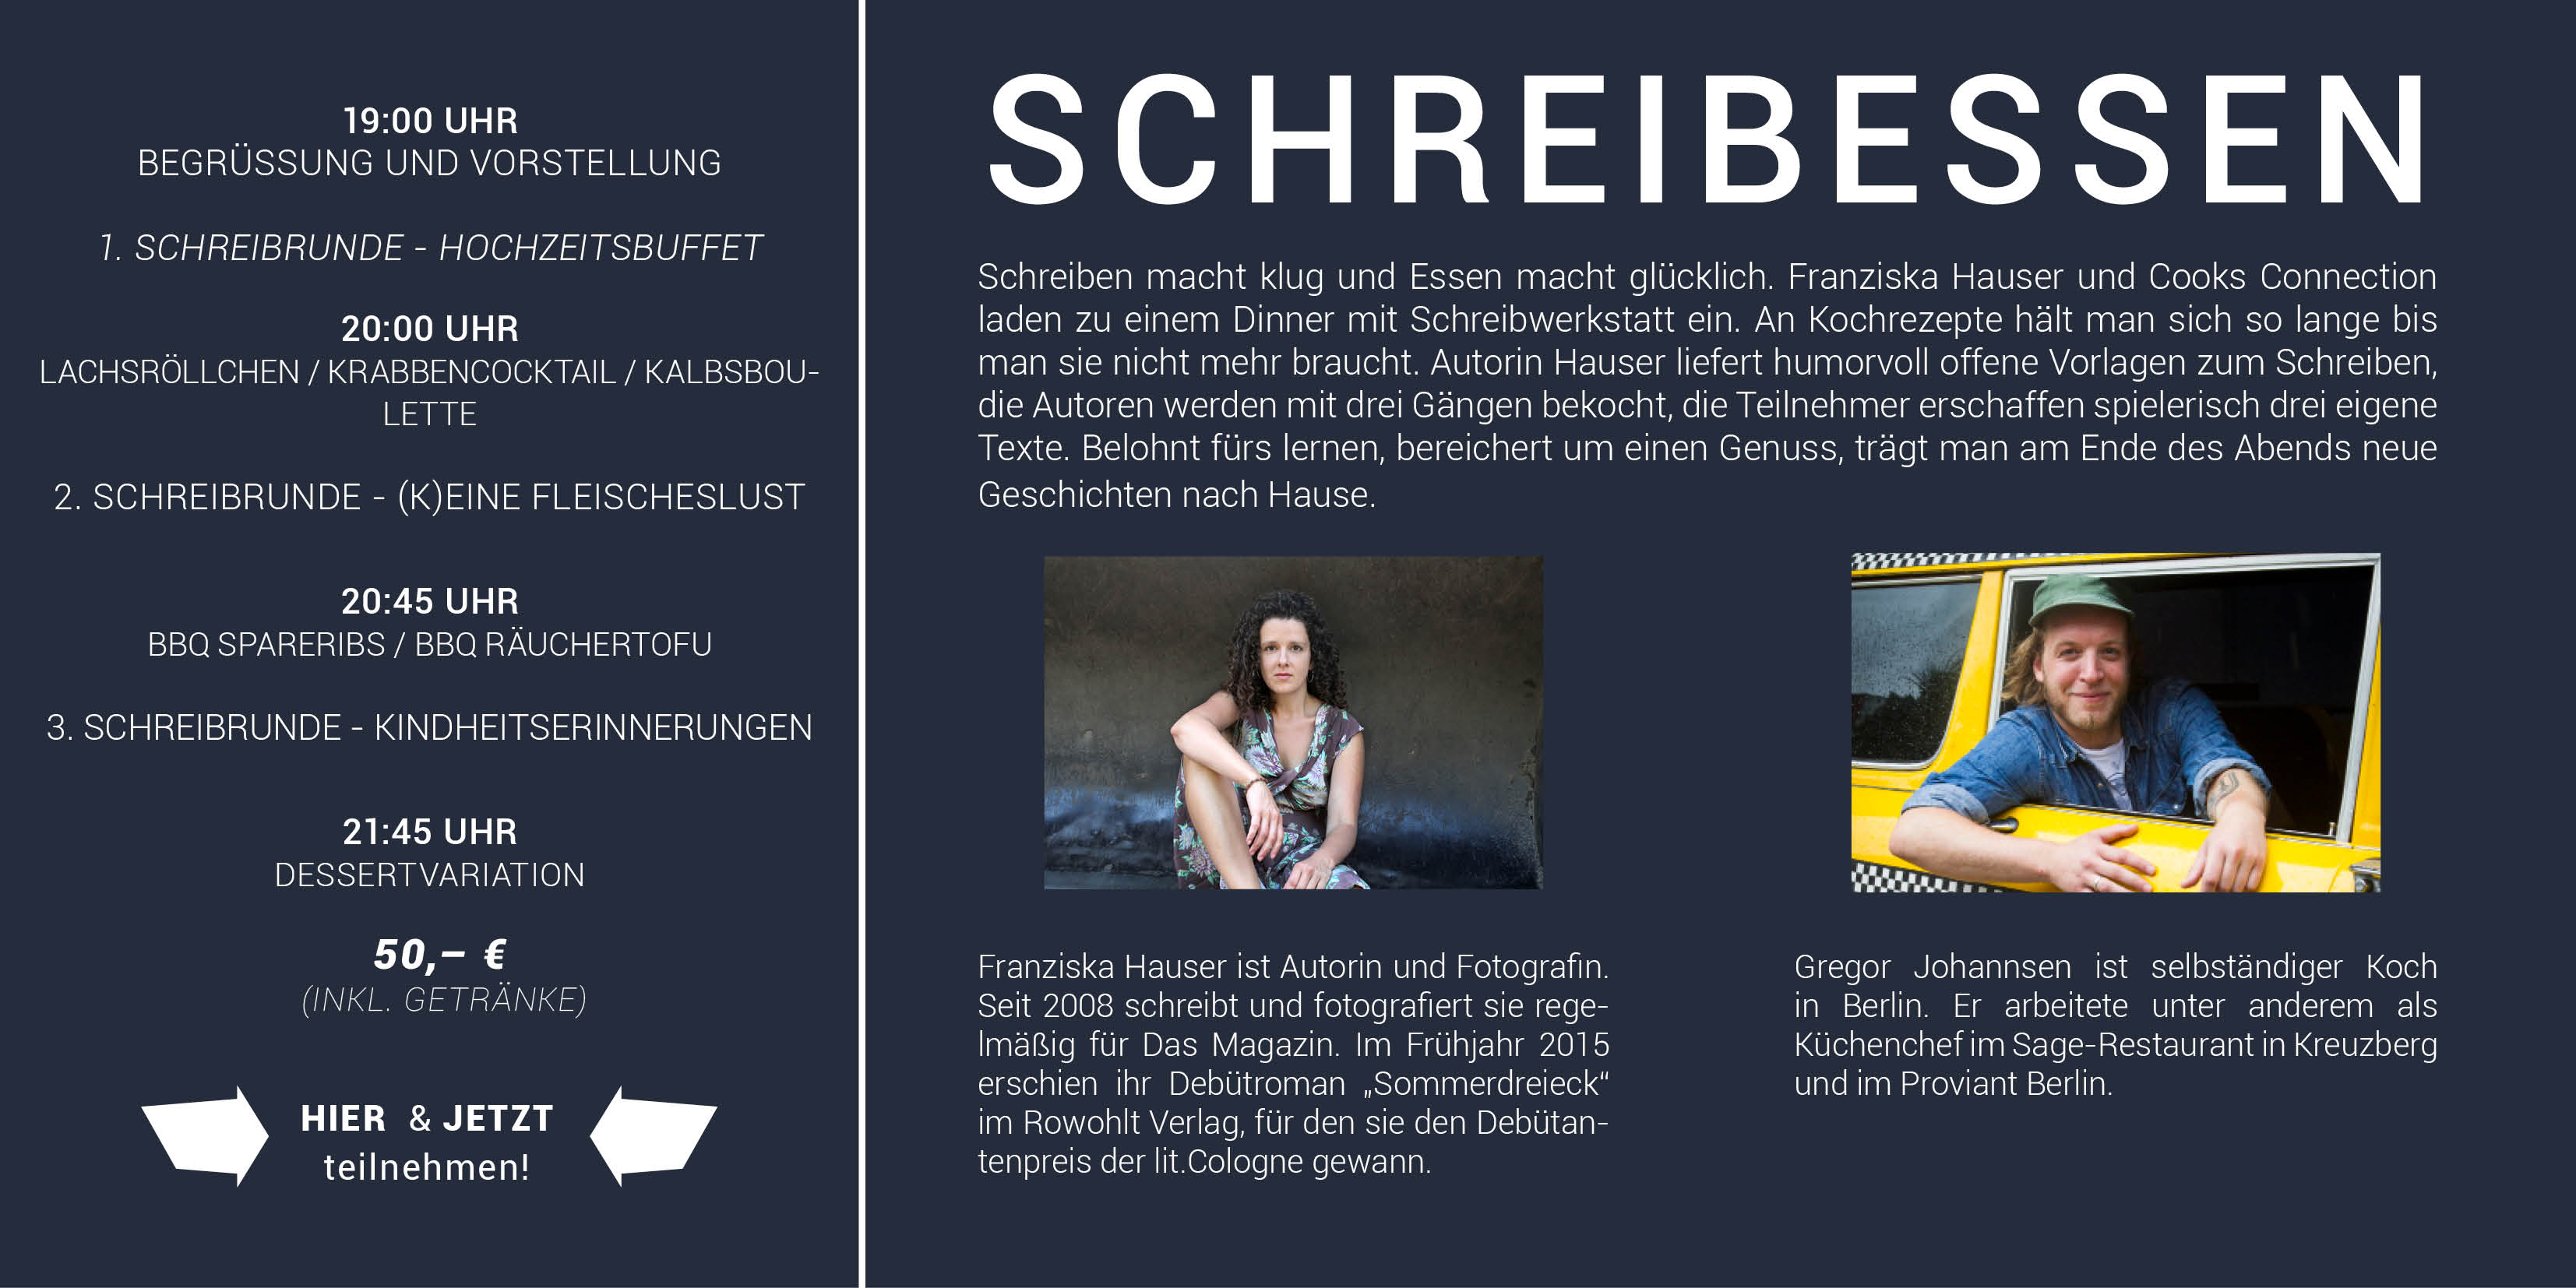 Schreibessen_02